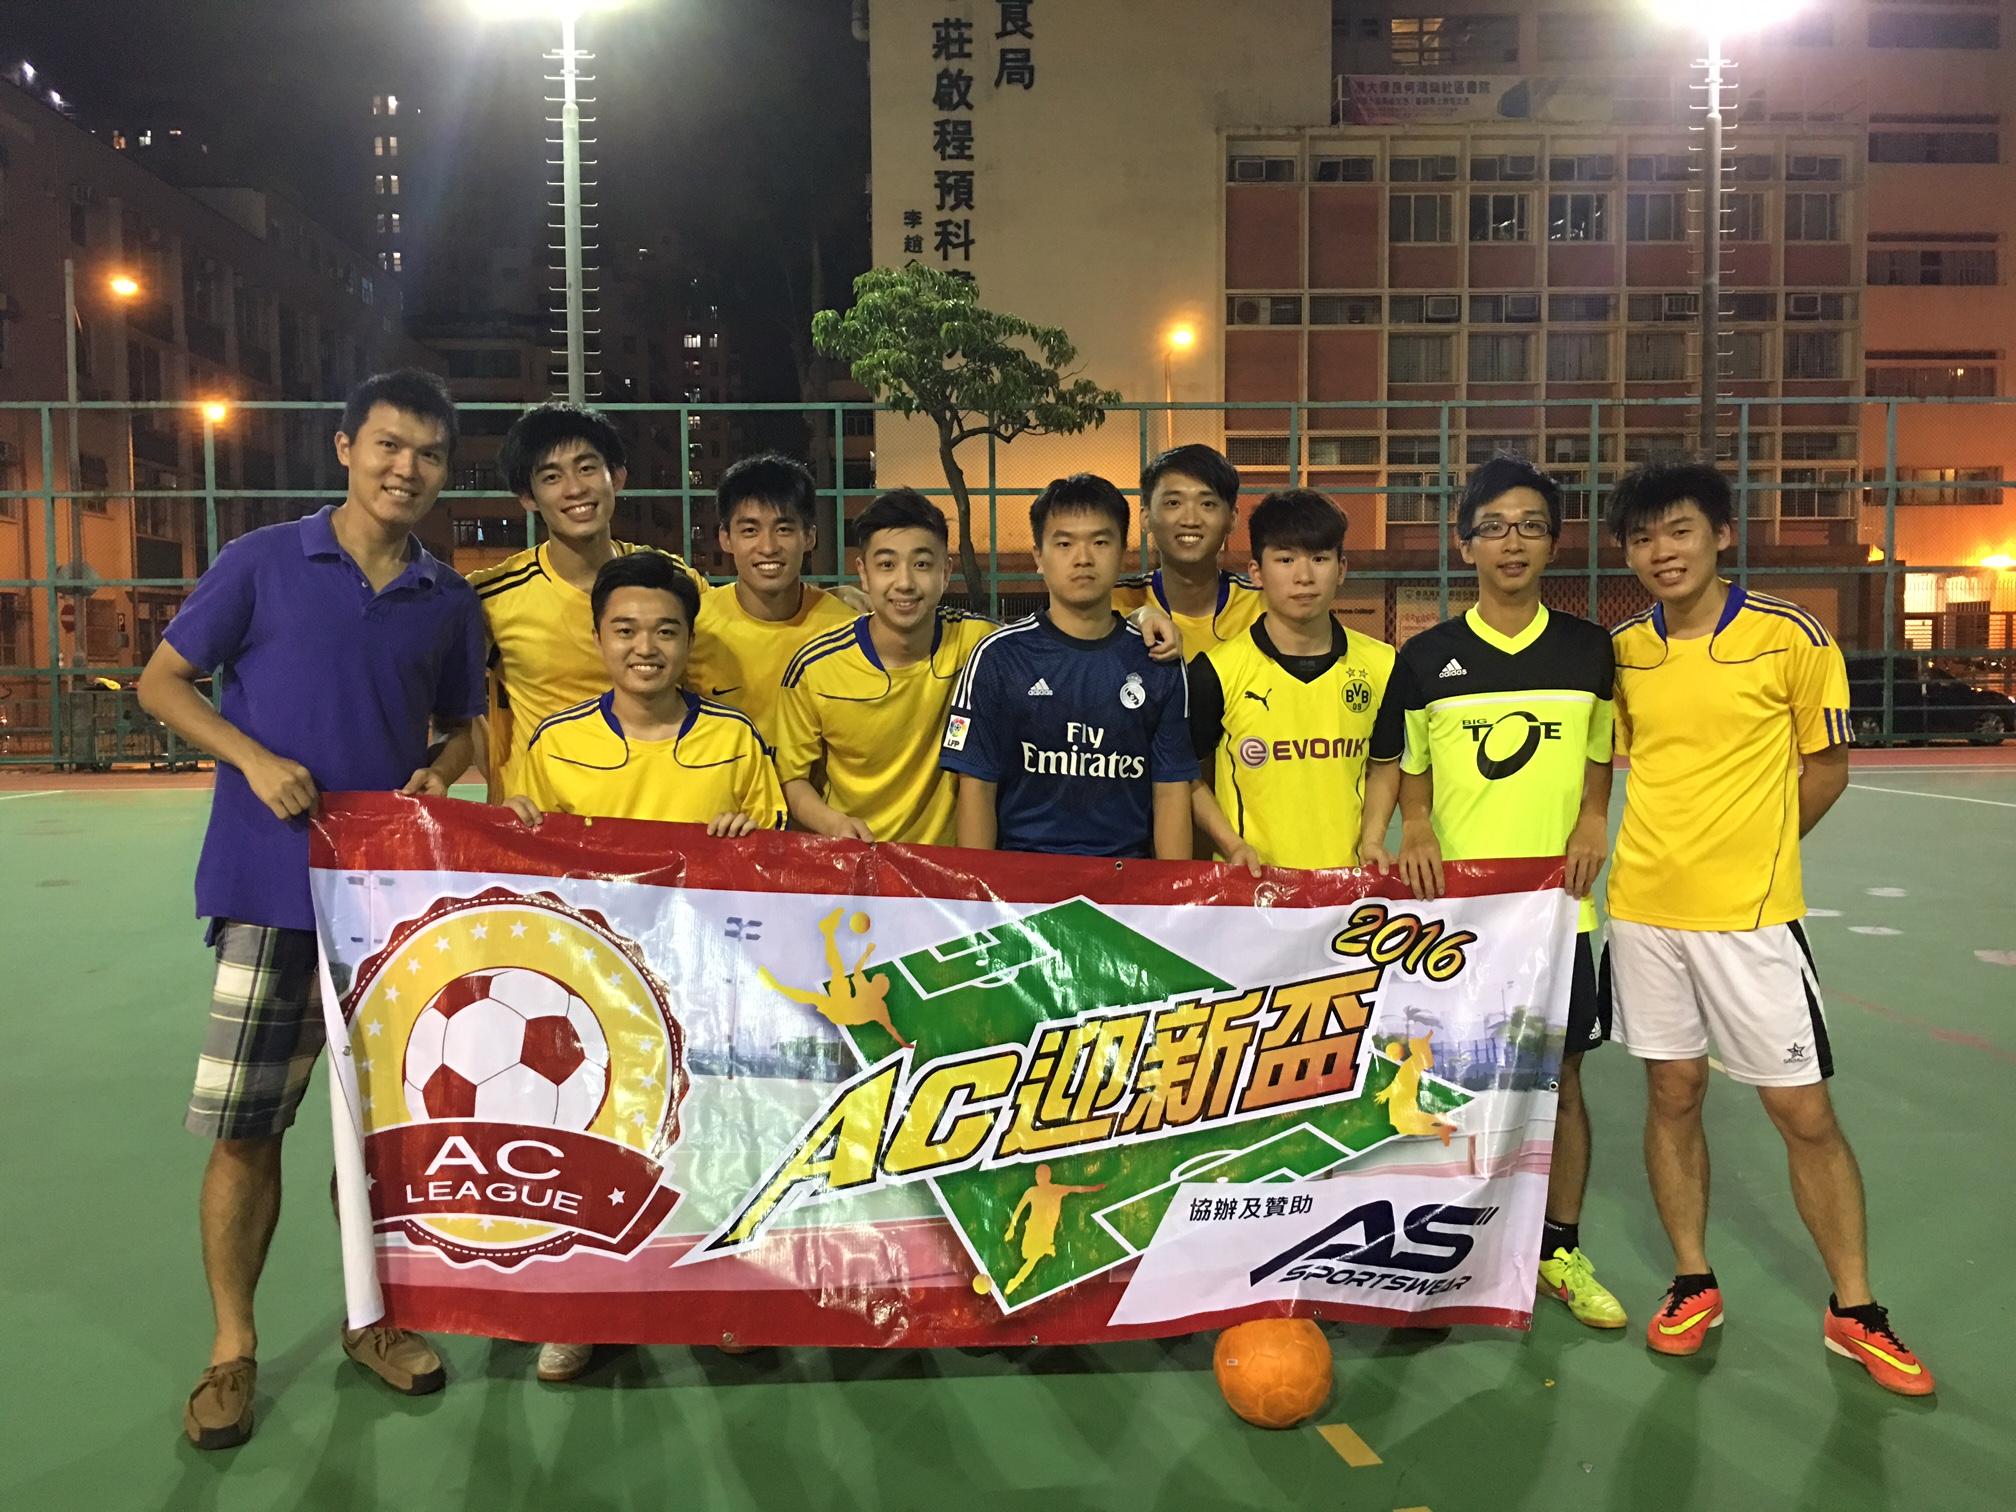 景威聯 team photo